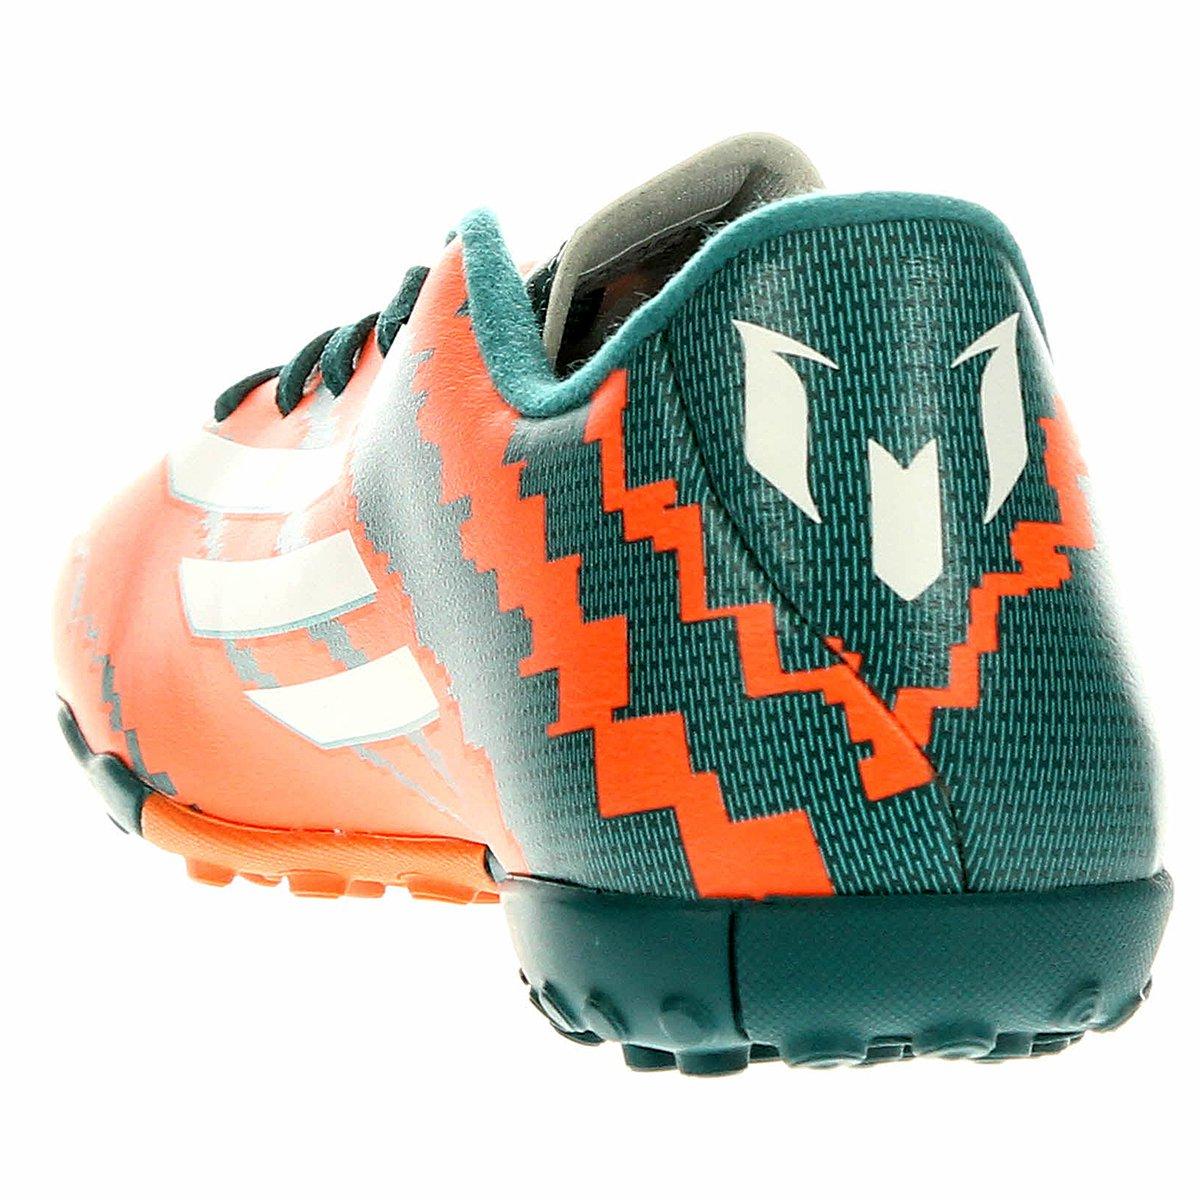 3593a67172 Chuteira Adidas F10 TF Society Messi - Compre Agora